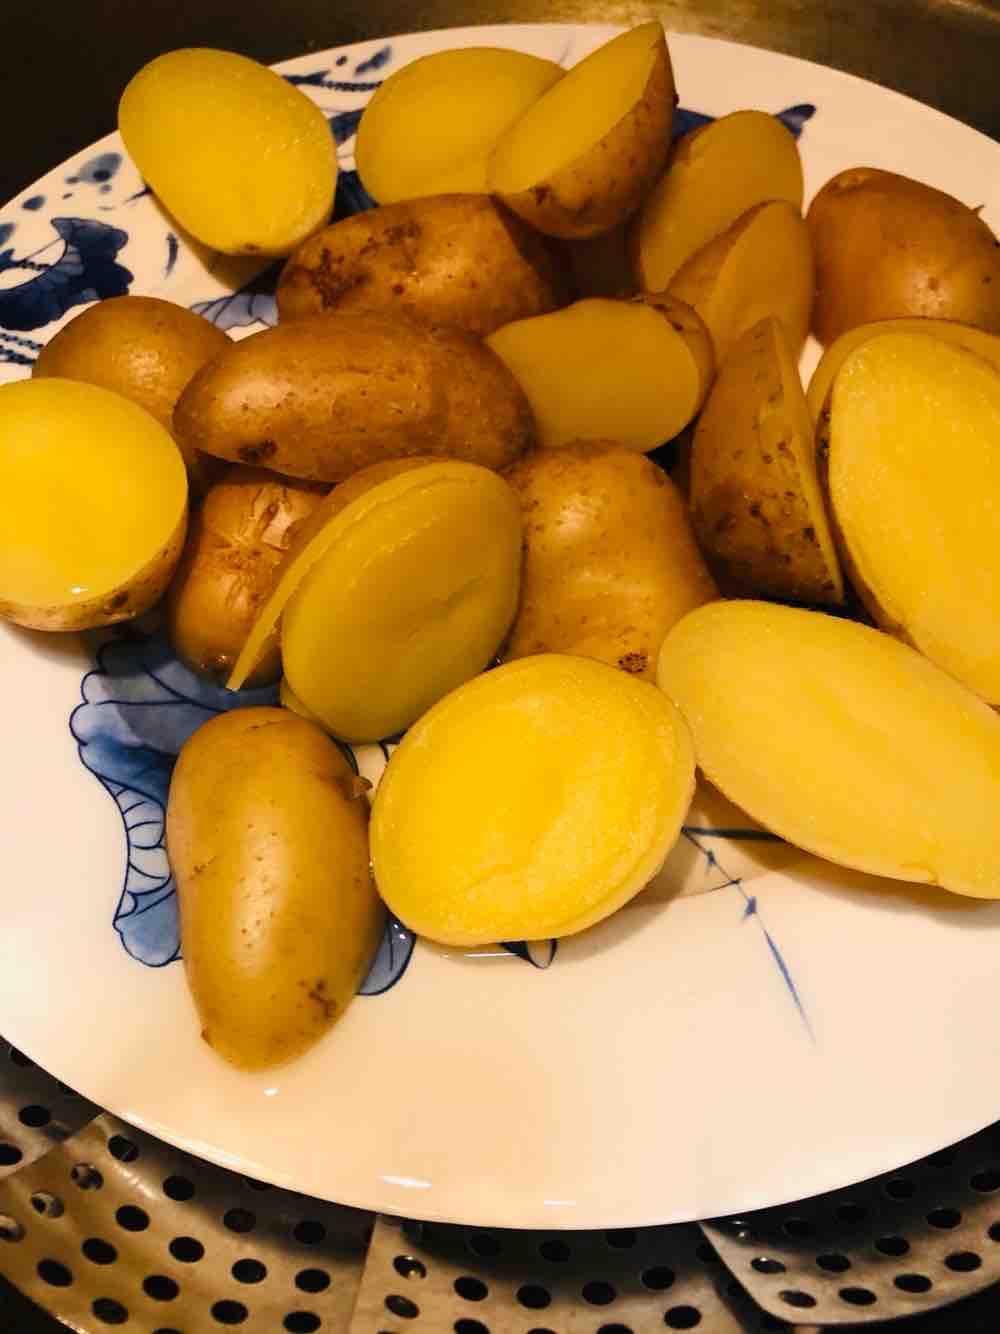 孜然椒盐小土豆的做法大全